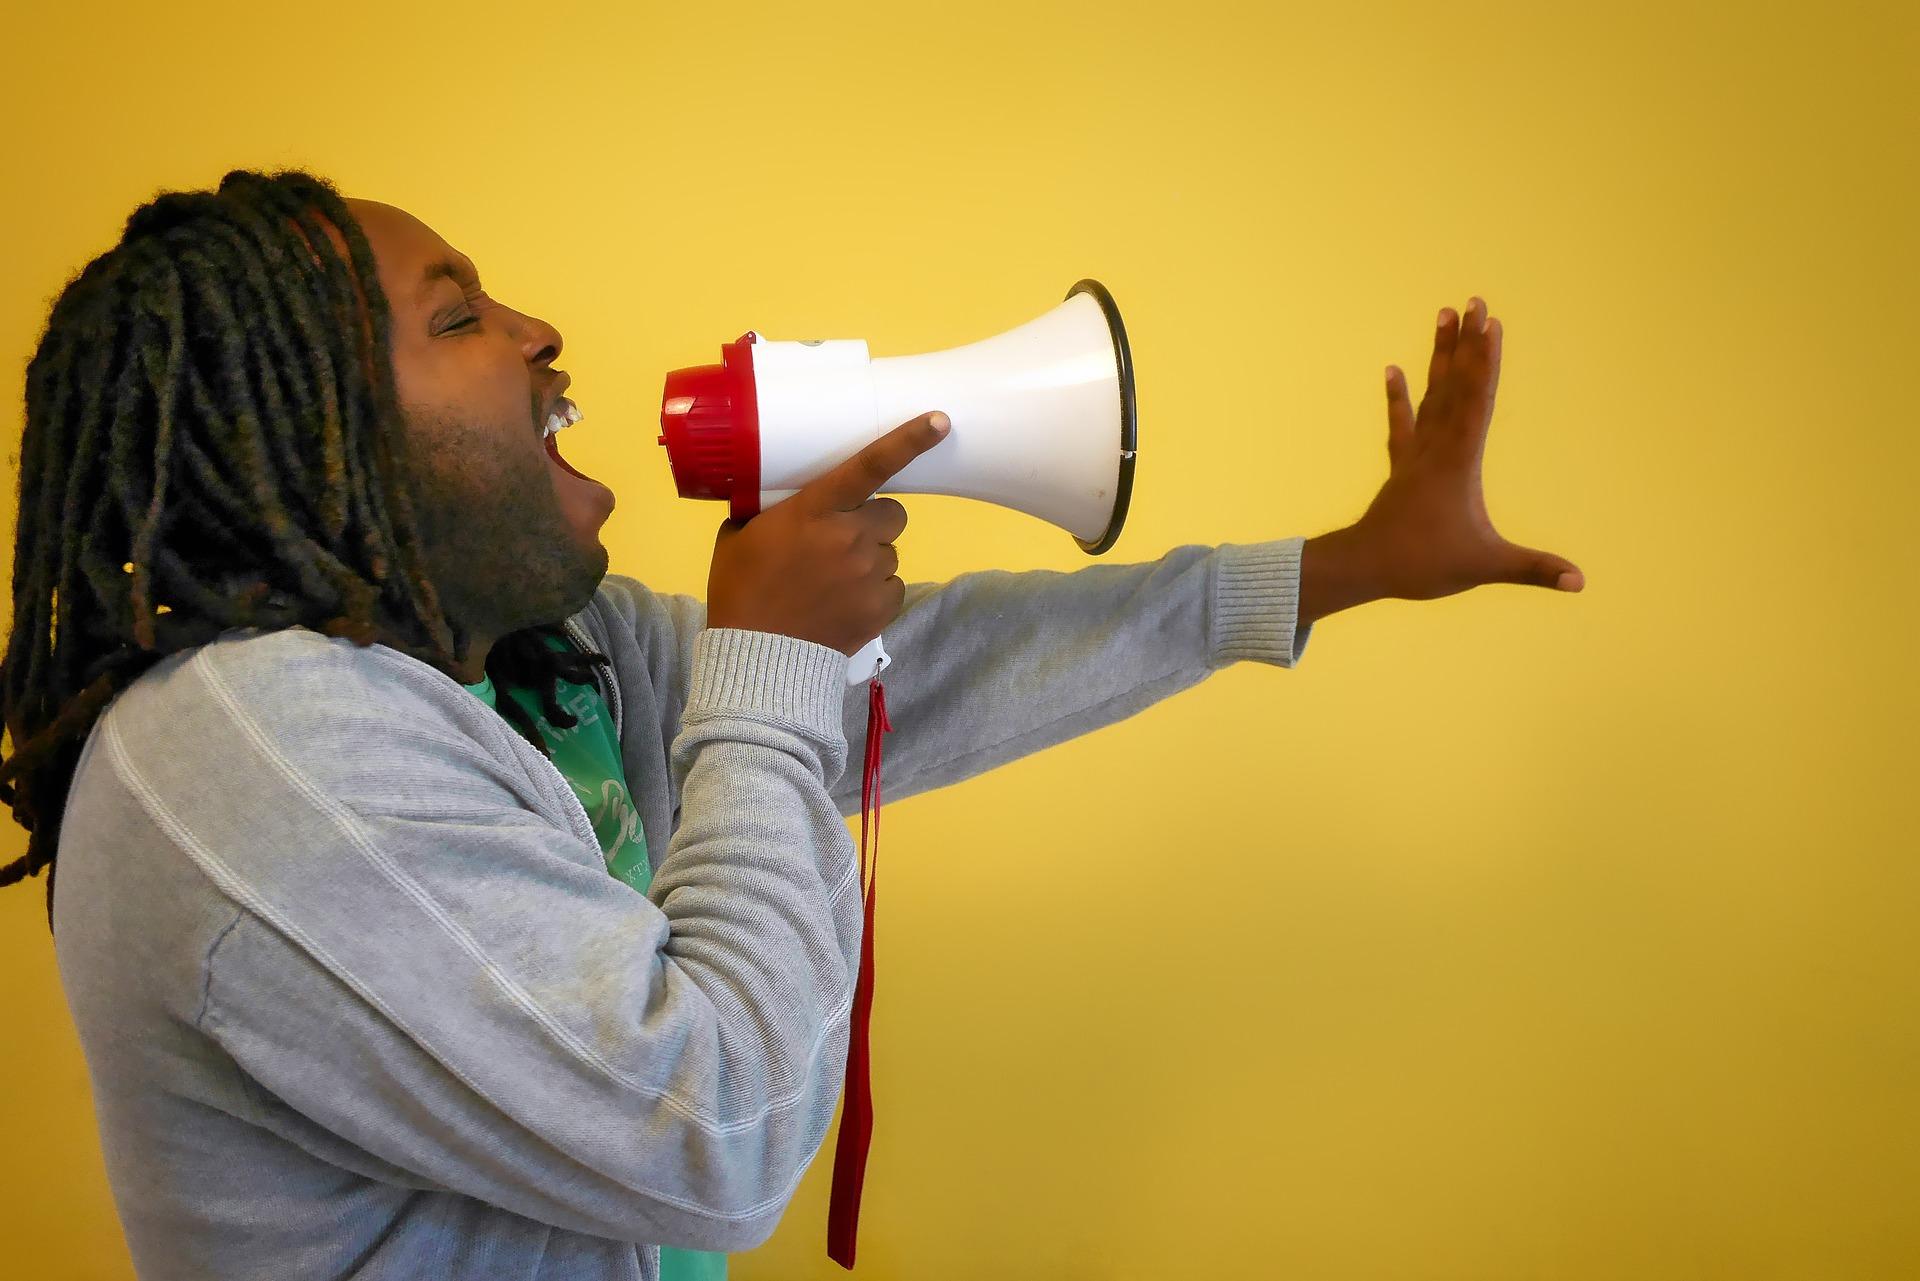 声が小さい人でも大きな声が出せる『常識破りな』3つの方法